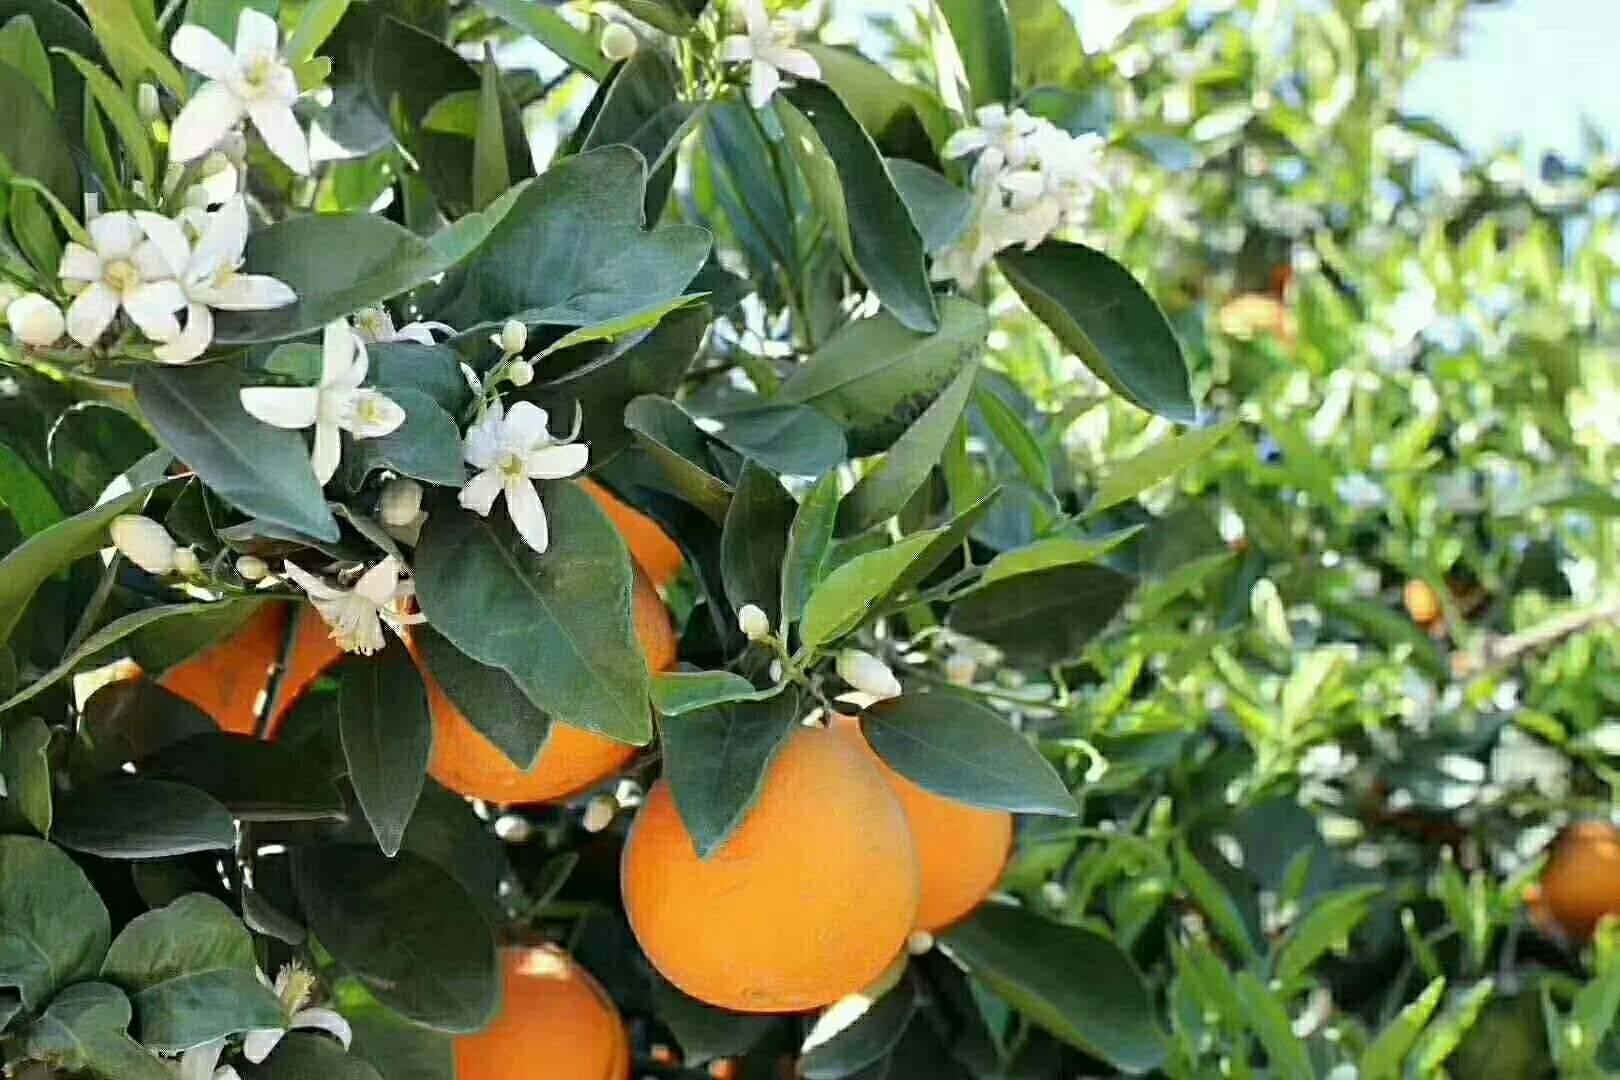 为什么说一年四季都可以品尝到宜昌秭归脐橙呢?原因就在这里